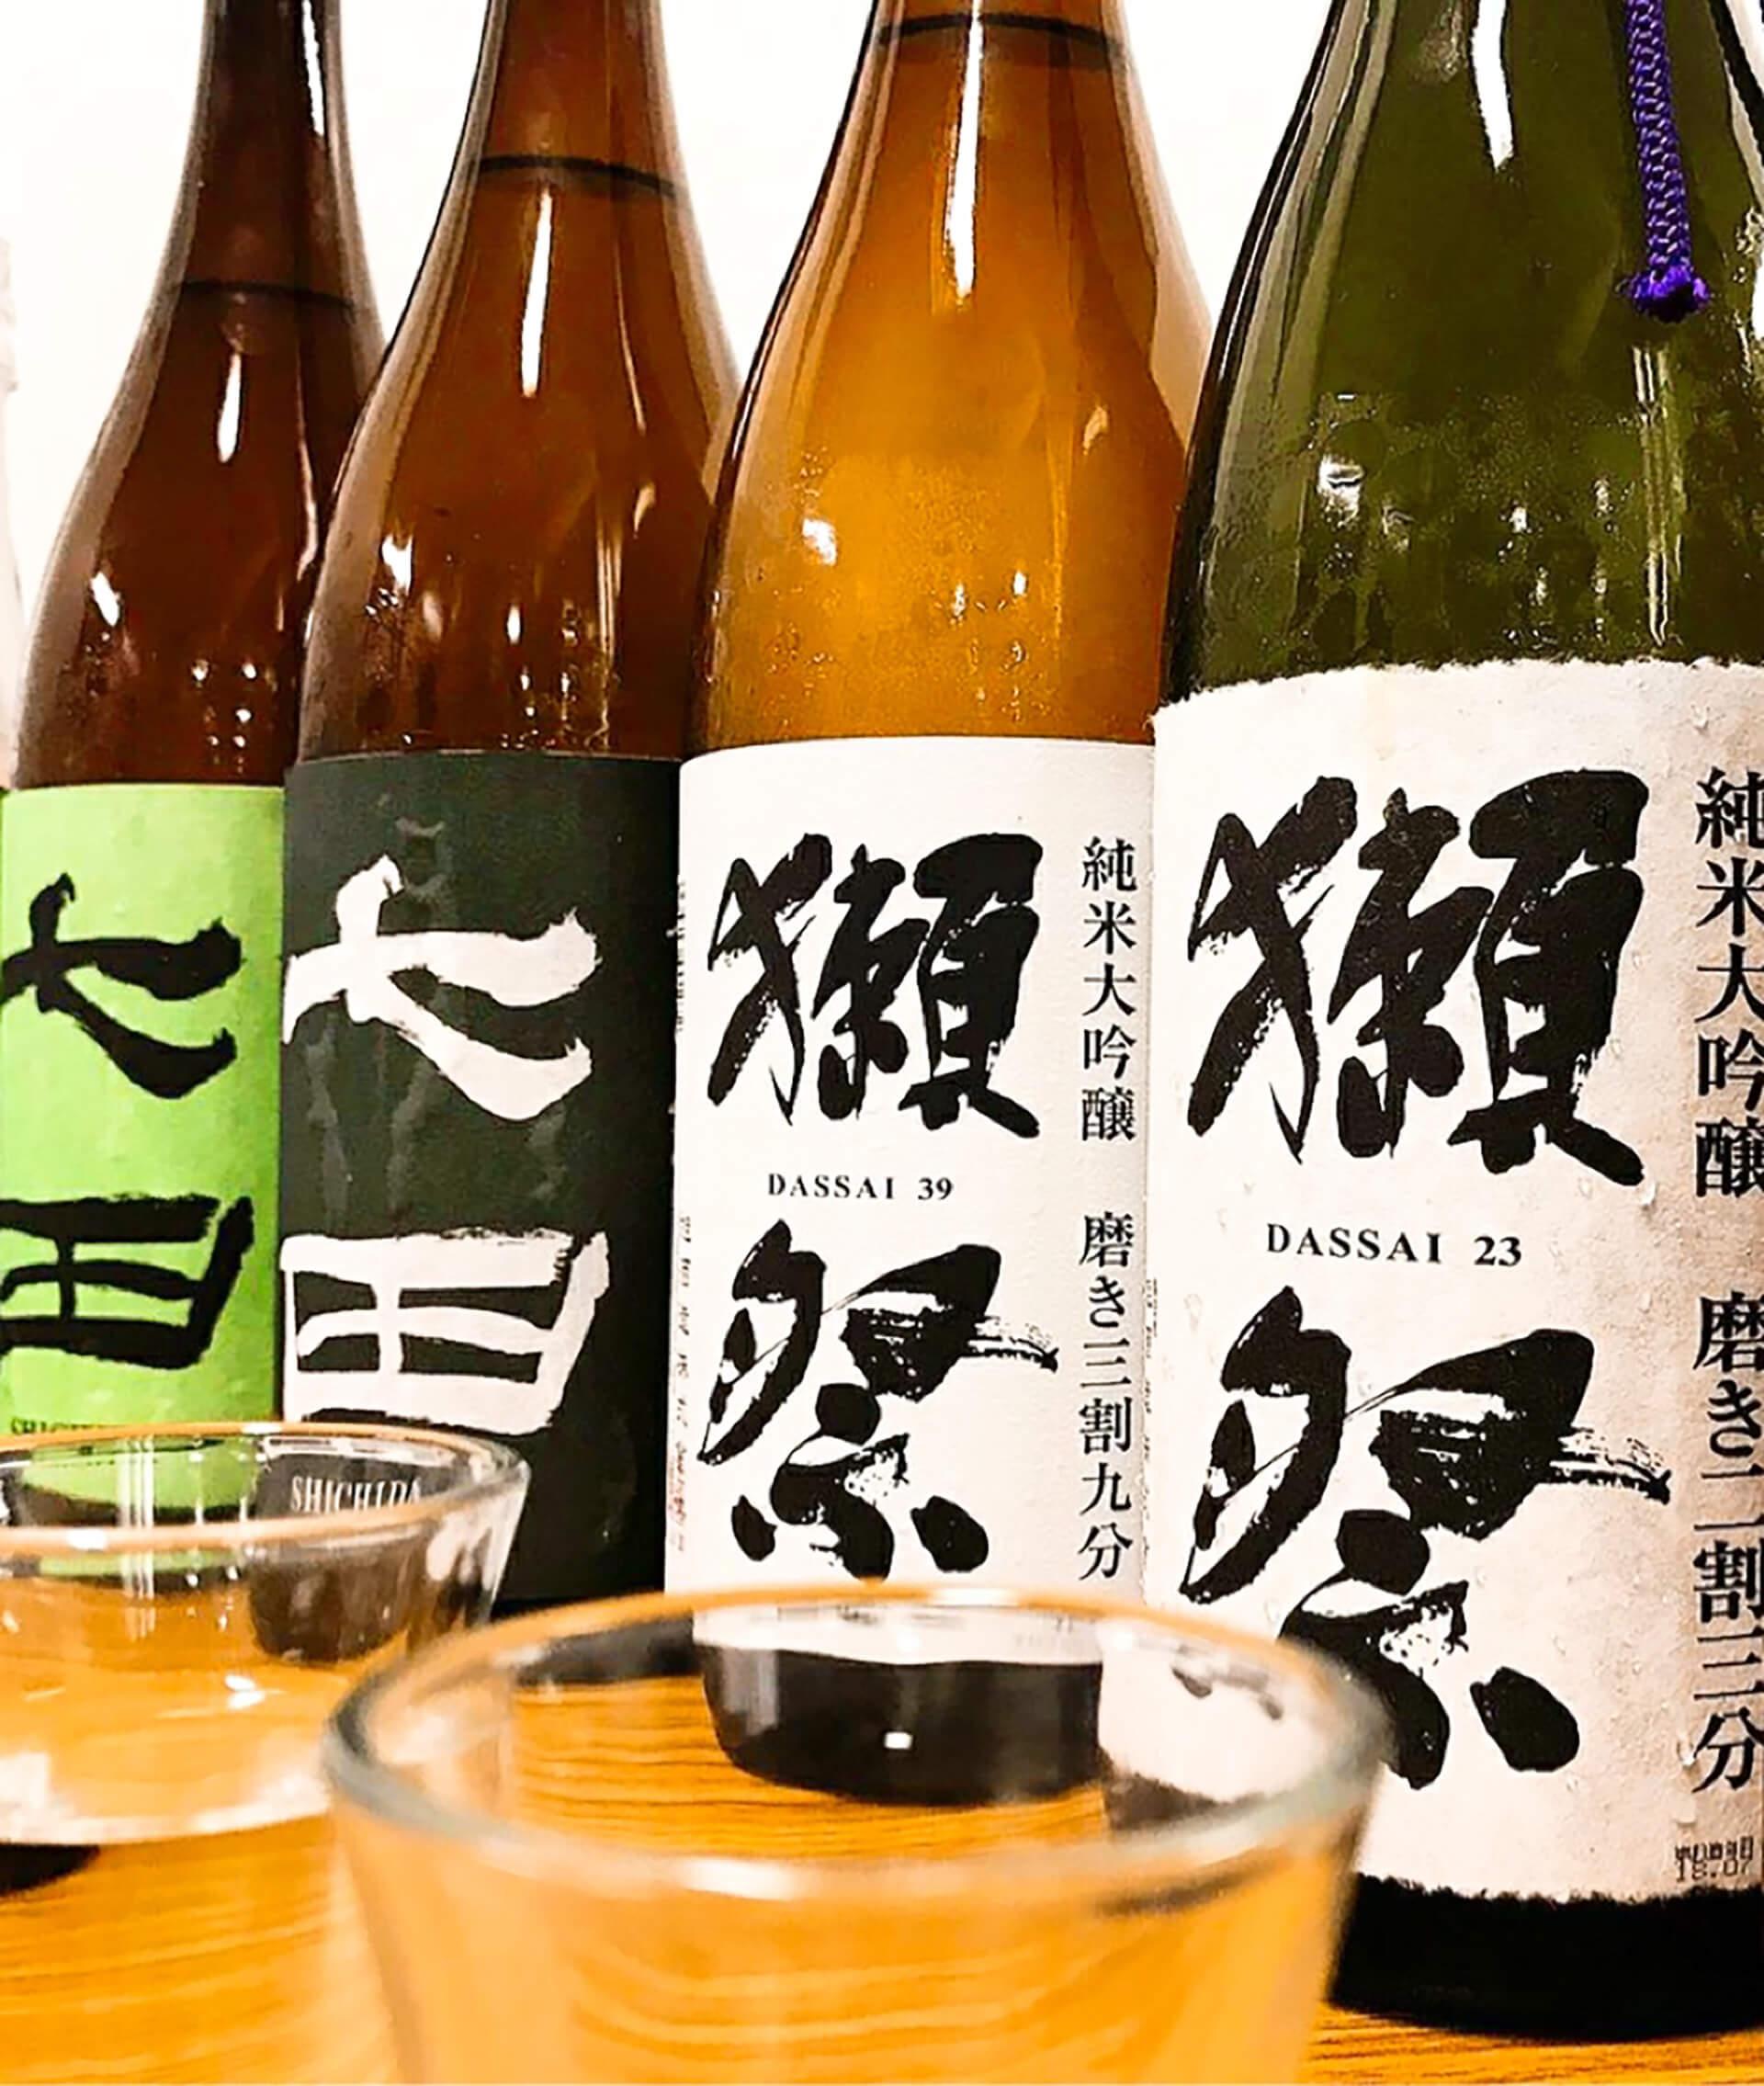 そばと日本酒と花の博覧会 大江戸和宴2020・イメージ